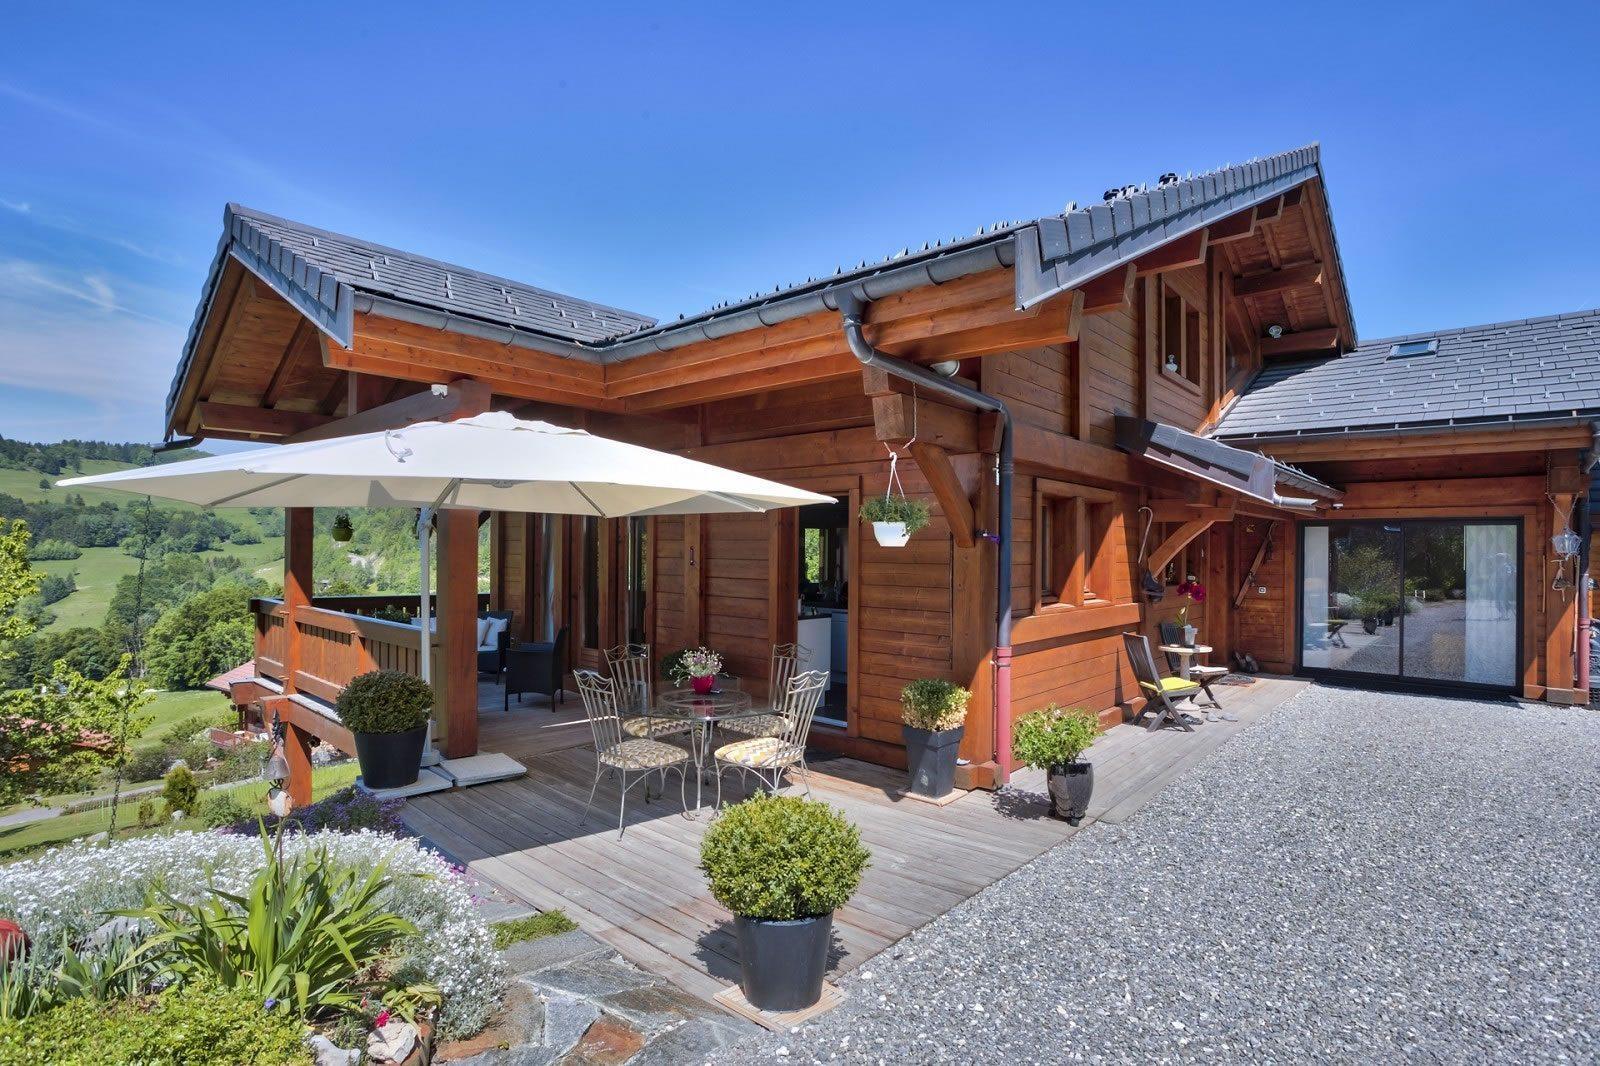 magnifique-chalet-a-vendre-talloires-montmin-proche-terrasses-garage-environnement-calme